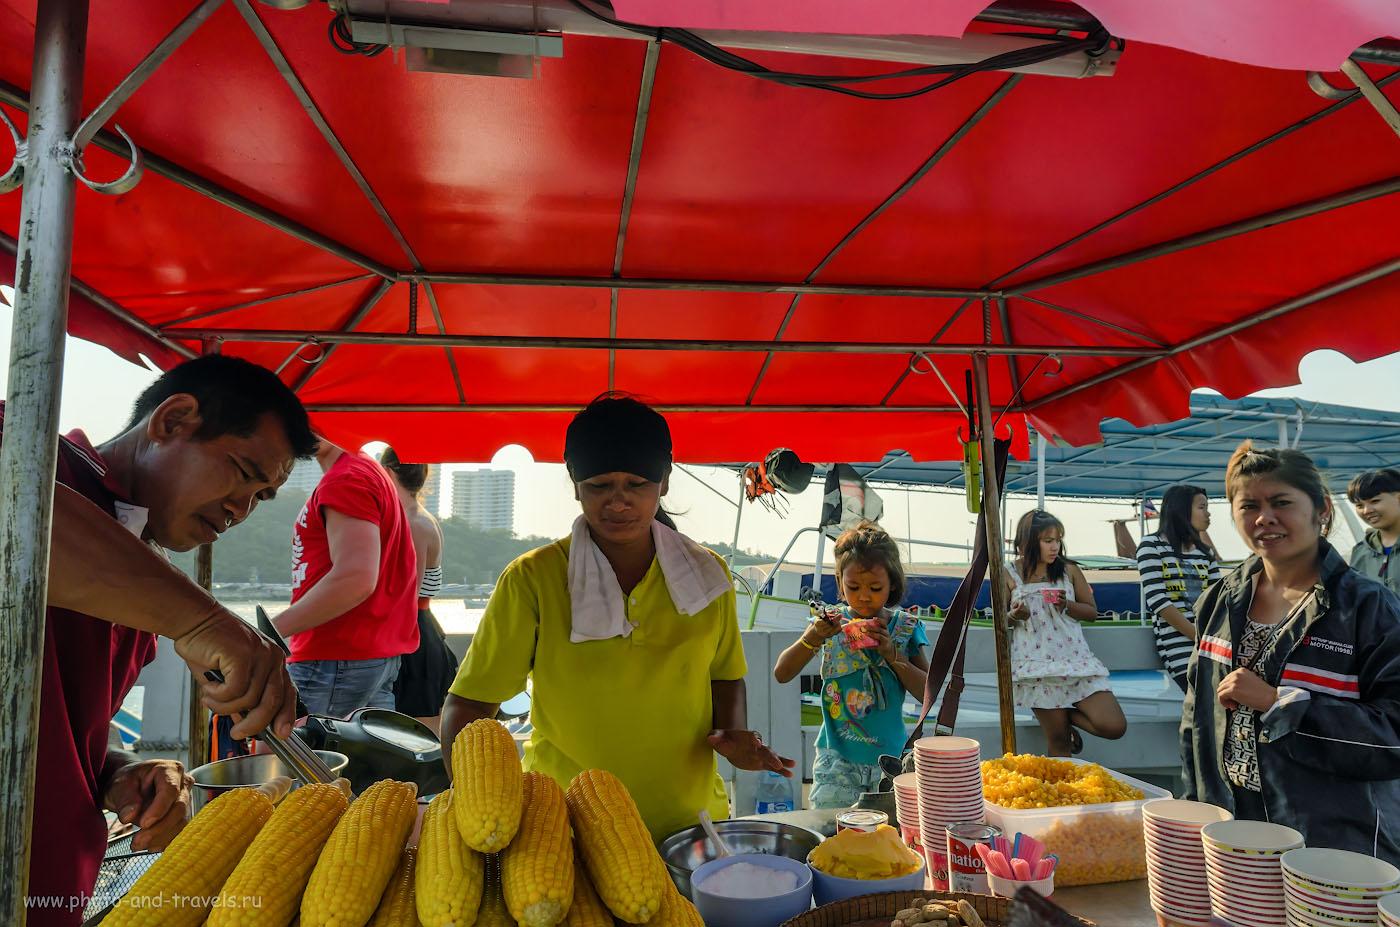 Фото 6. Уличная фотография, снятая на тушку Nikon D5100 и сверхширокоугольный объектив Samyang 14mm f/2.8. 1/800, 9.0, 200, 14.